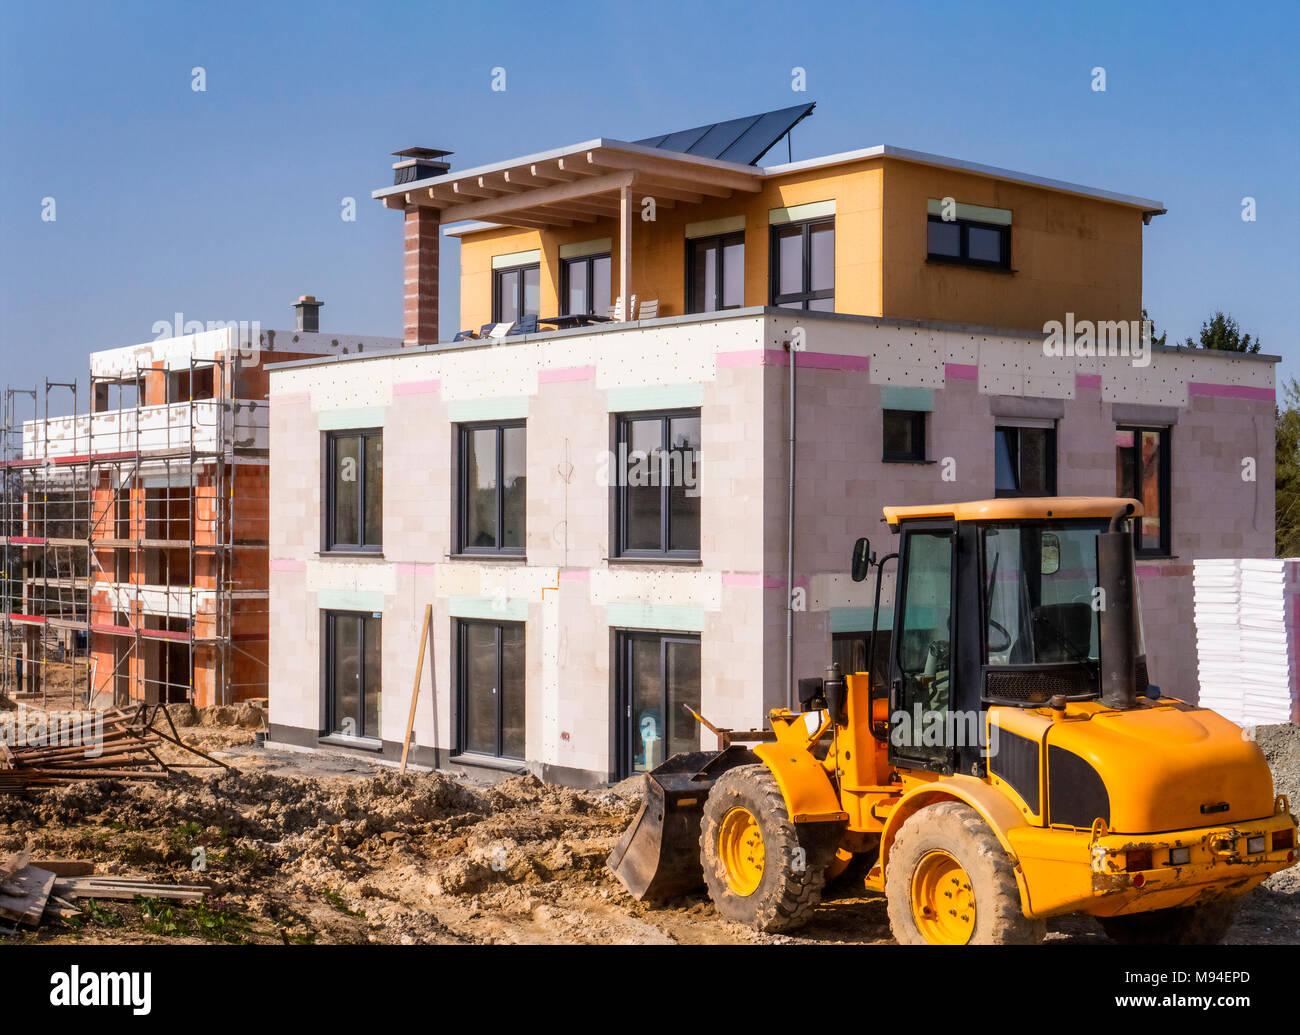 Ein neues Gebäude neben einem Shell in einem Baustellenbereich mit einem Radlader im Vordergrund.Stockfoto